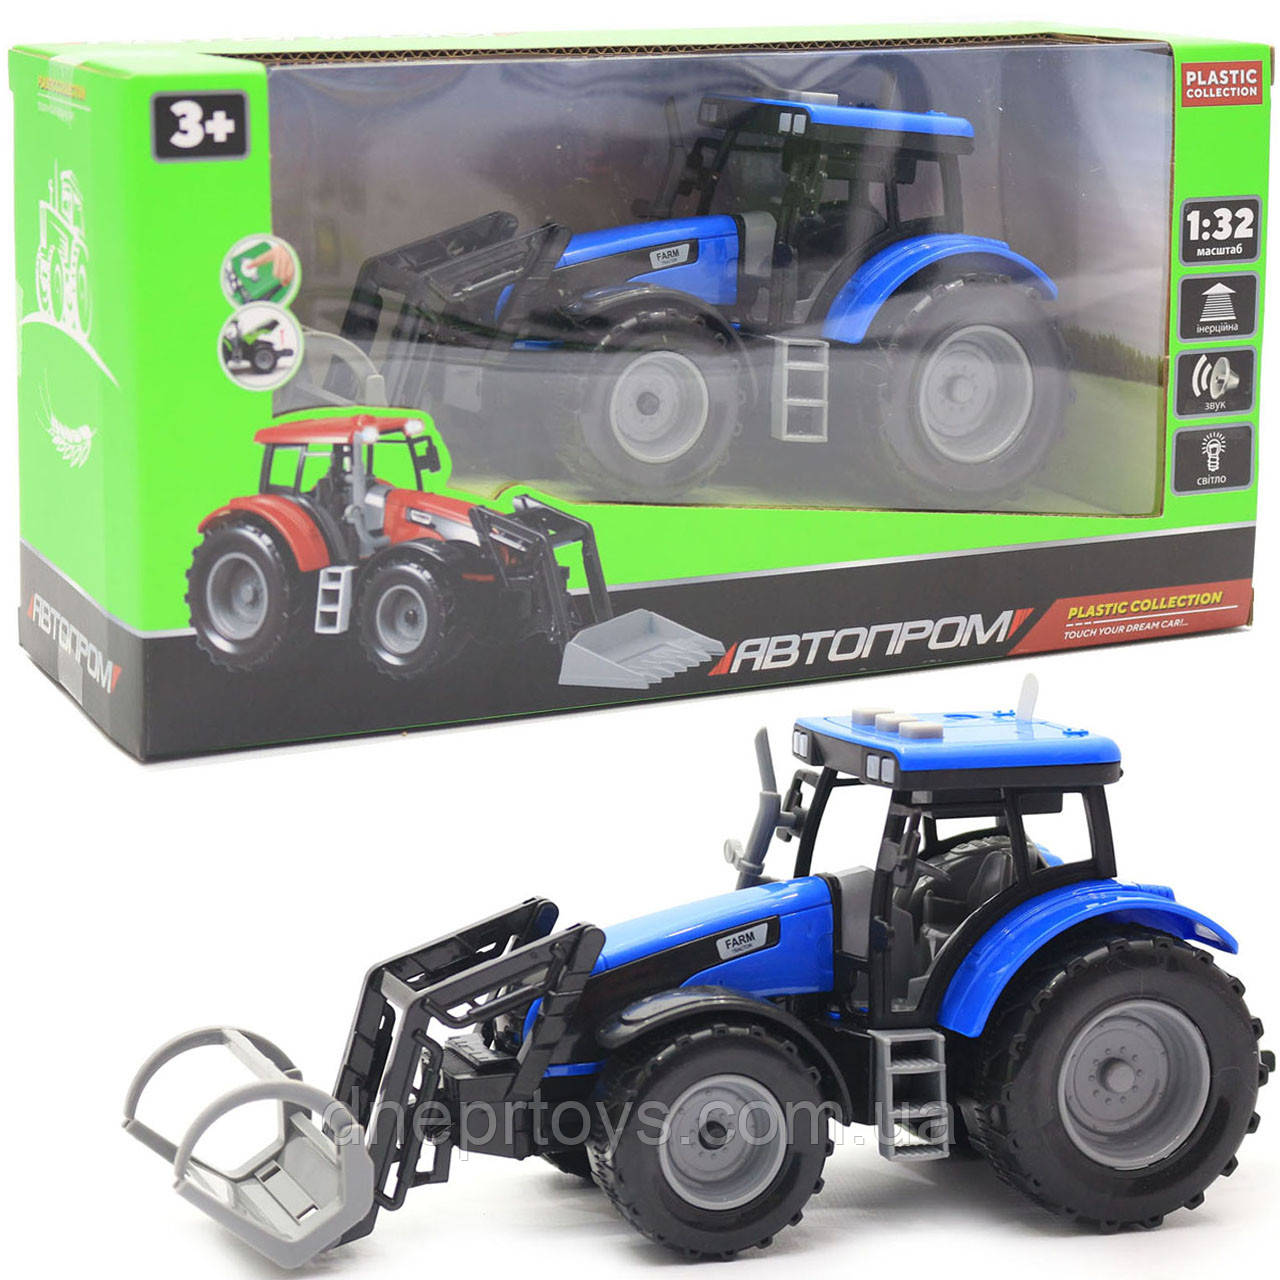 Машинка игровая автопром «Трактор» Синий-2, 20 см (7924AB)